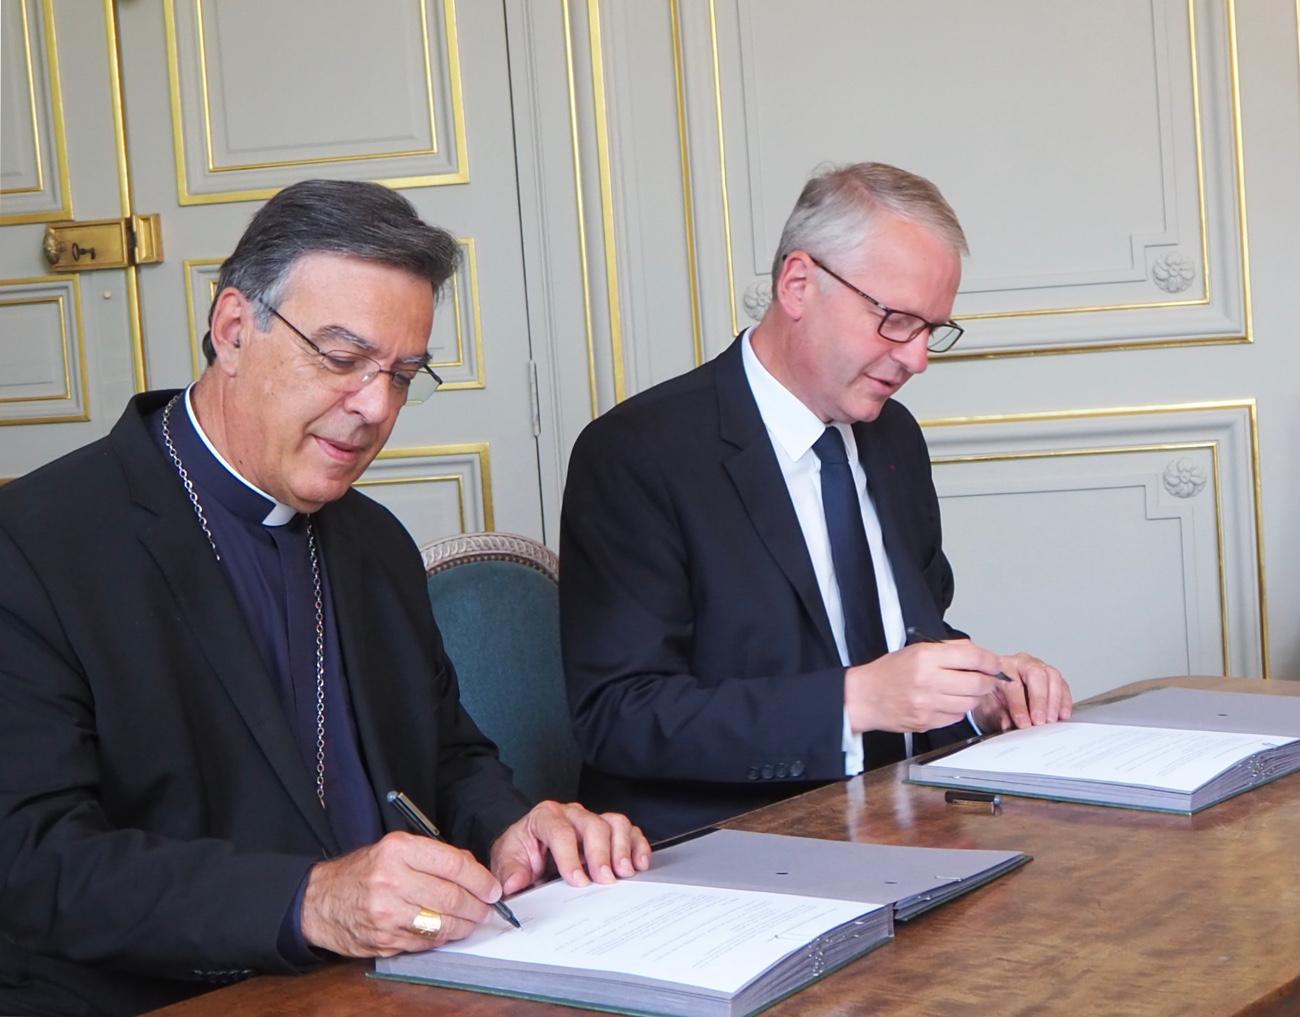 La diócesis de París firma un acuerdo con la Fiscalía para la investigación de abusos